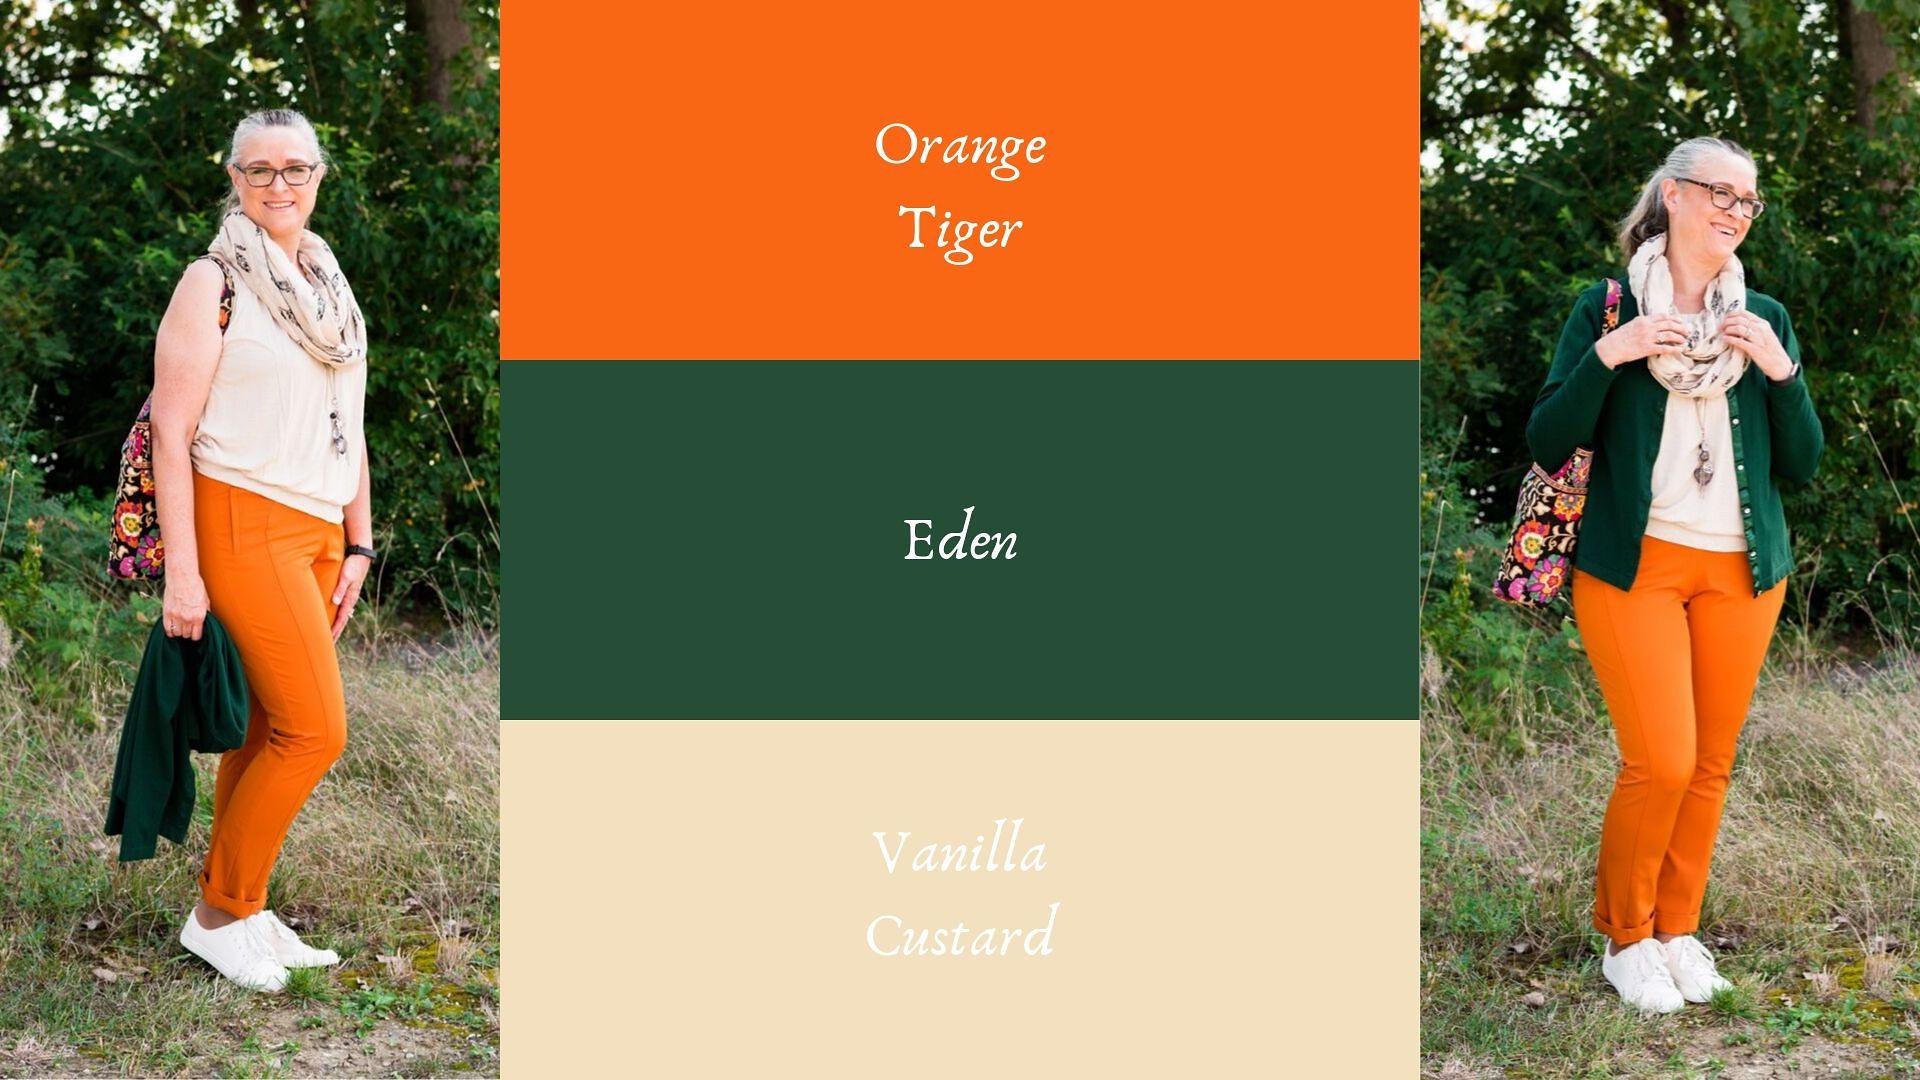 Pantone - Autumn/Winter - 2019 - Orange Tiber and Eden